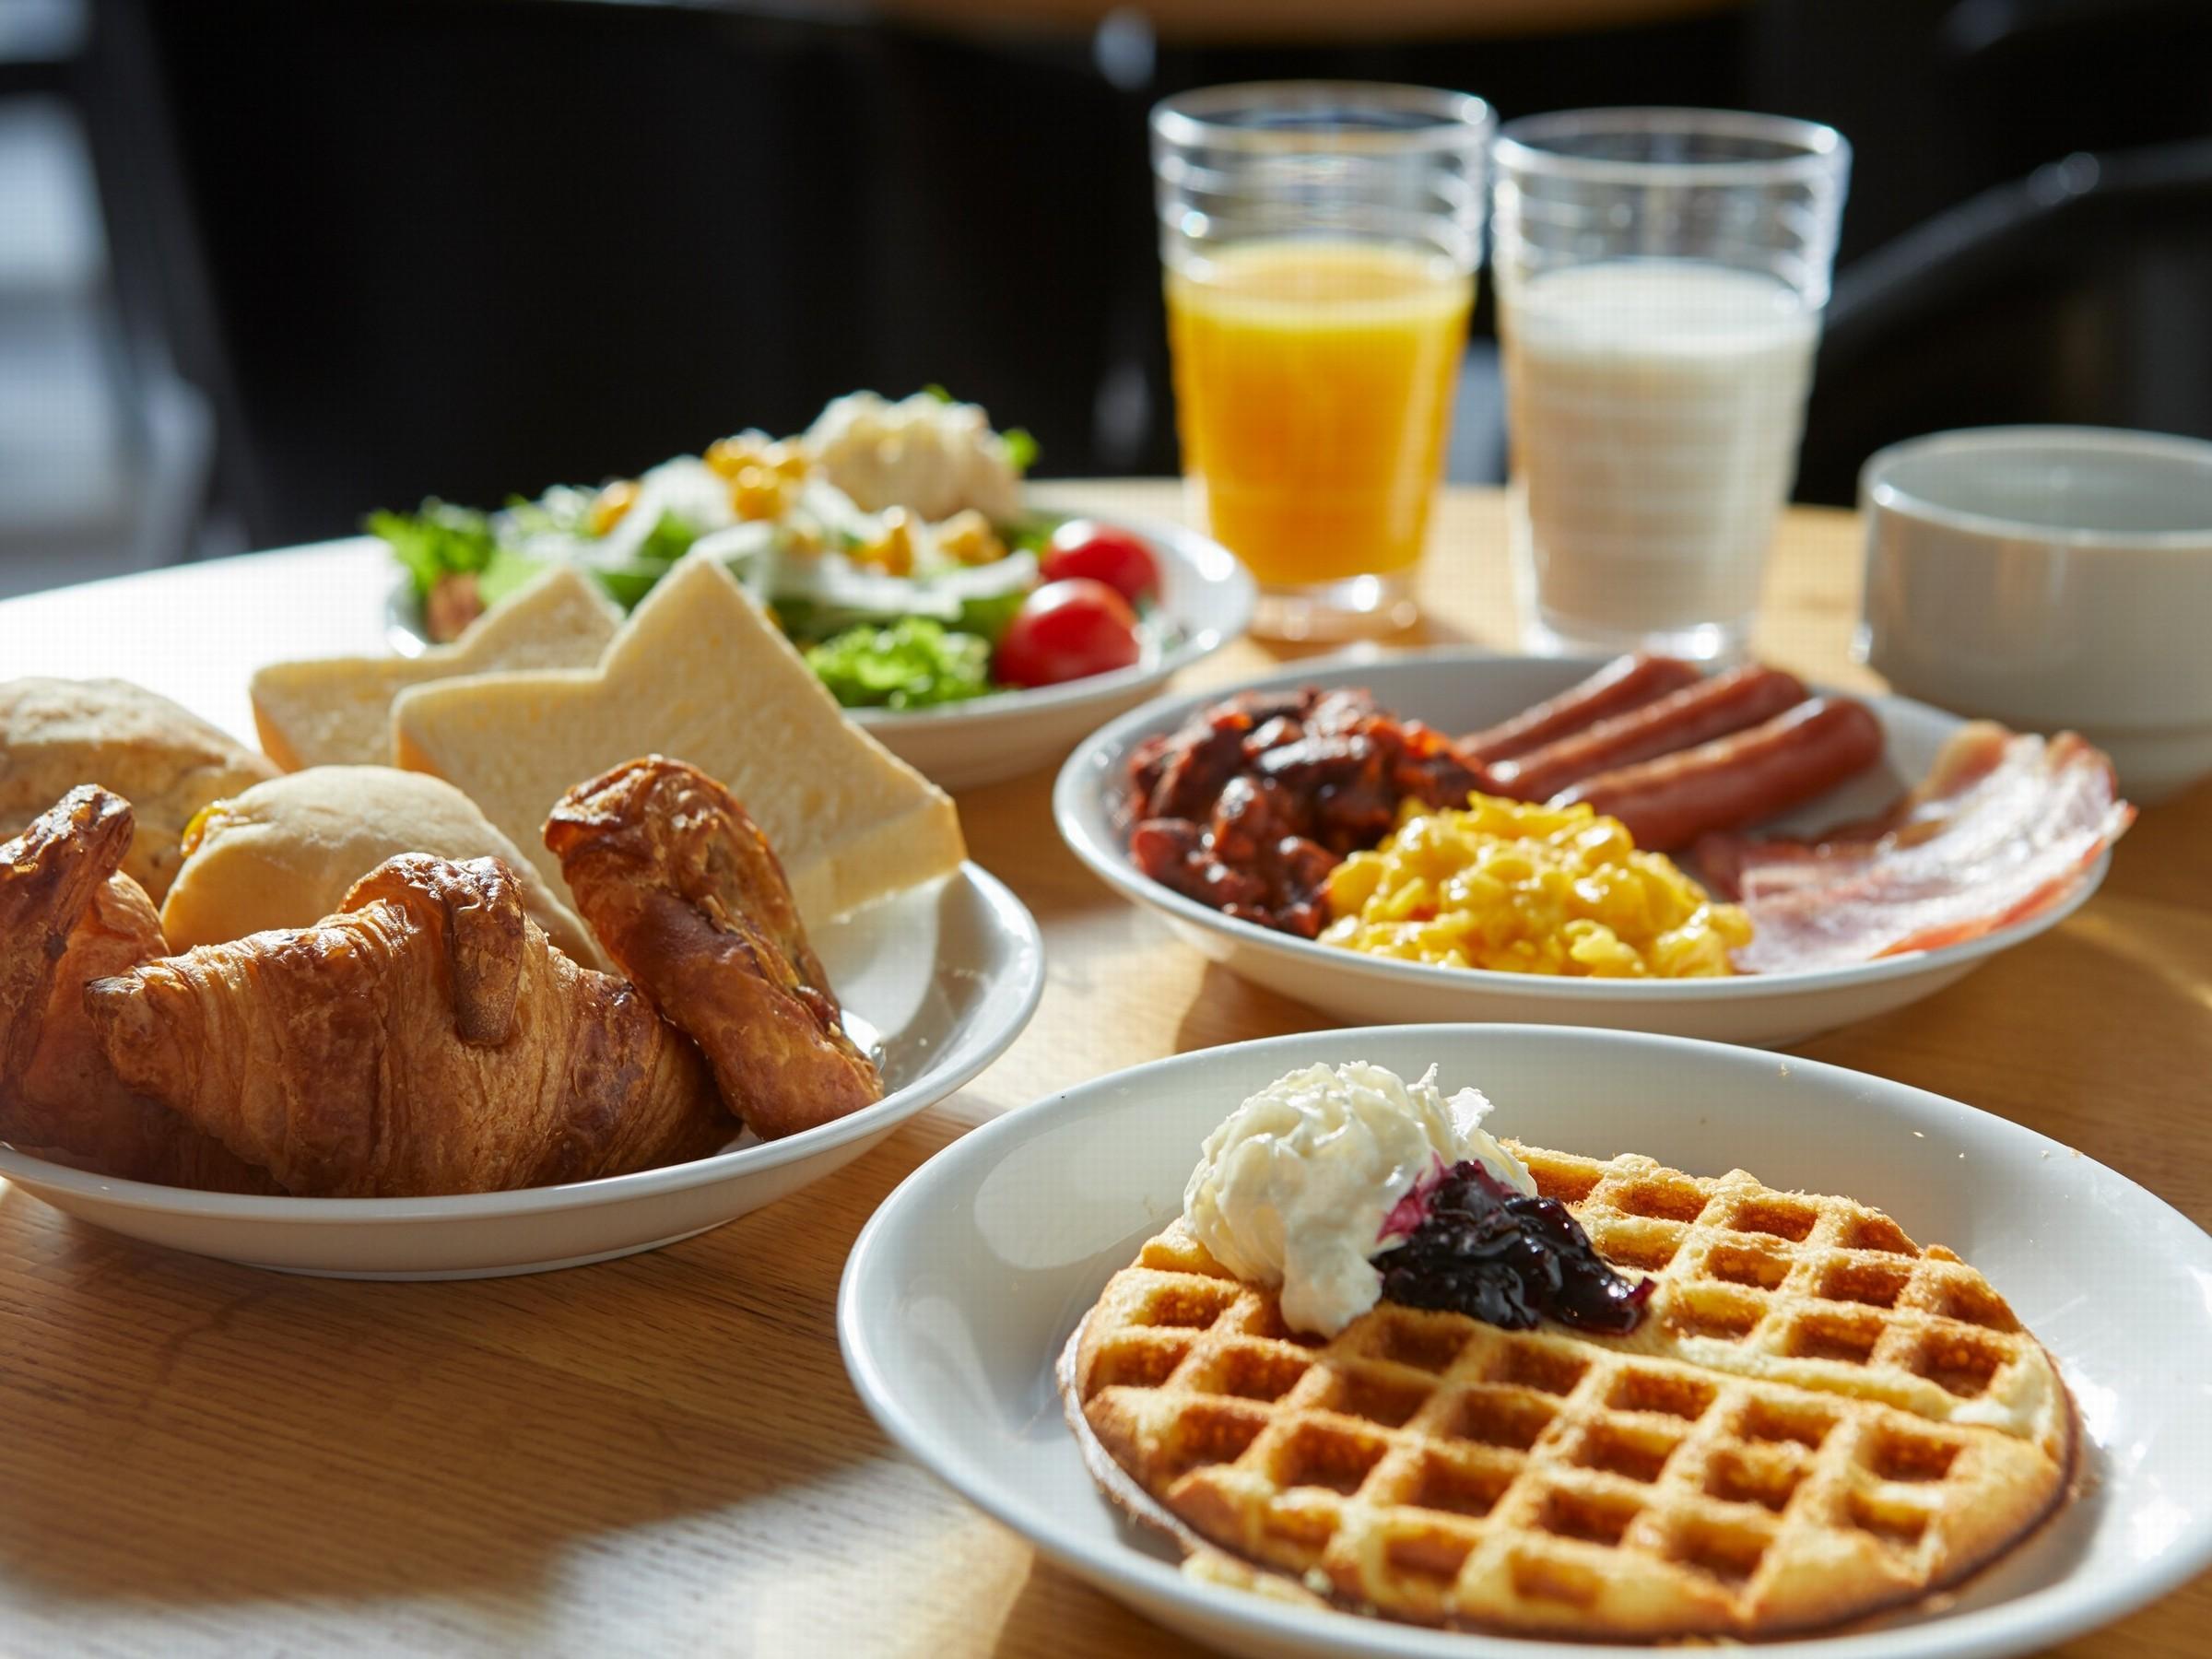 センチュリオンホテル札幌 / ◆朝食付き◆2019年11月リブランドオープン♪ 一日の始まりは朝ごはんから《すすきの駅徒歩3分》